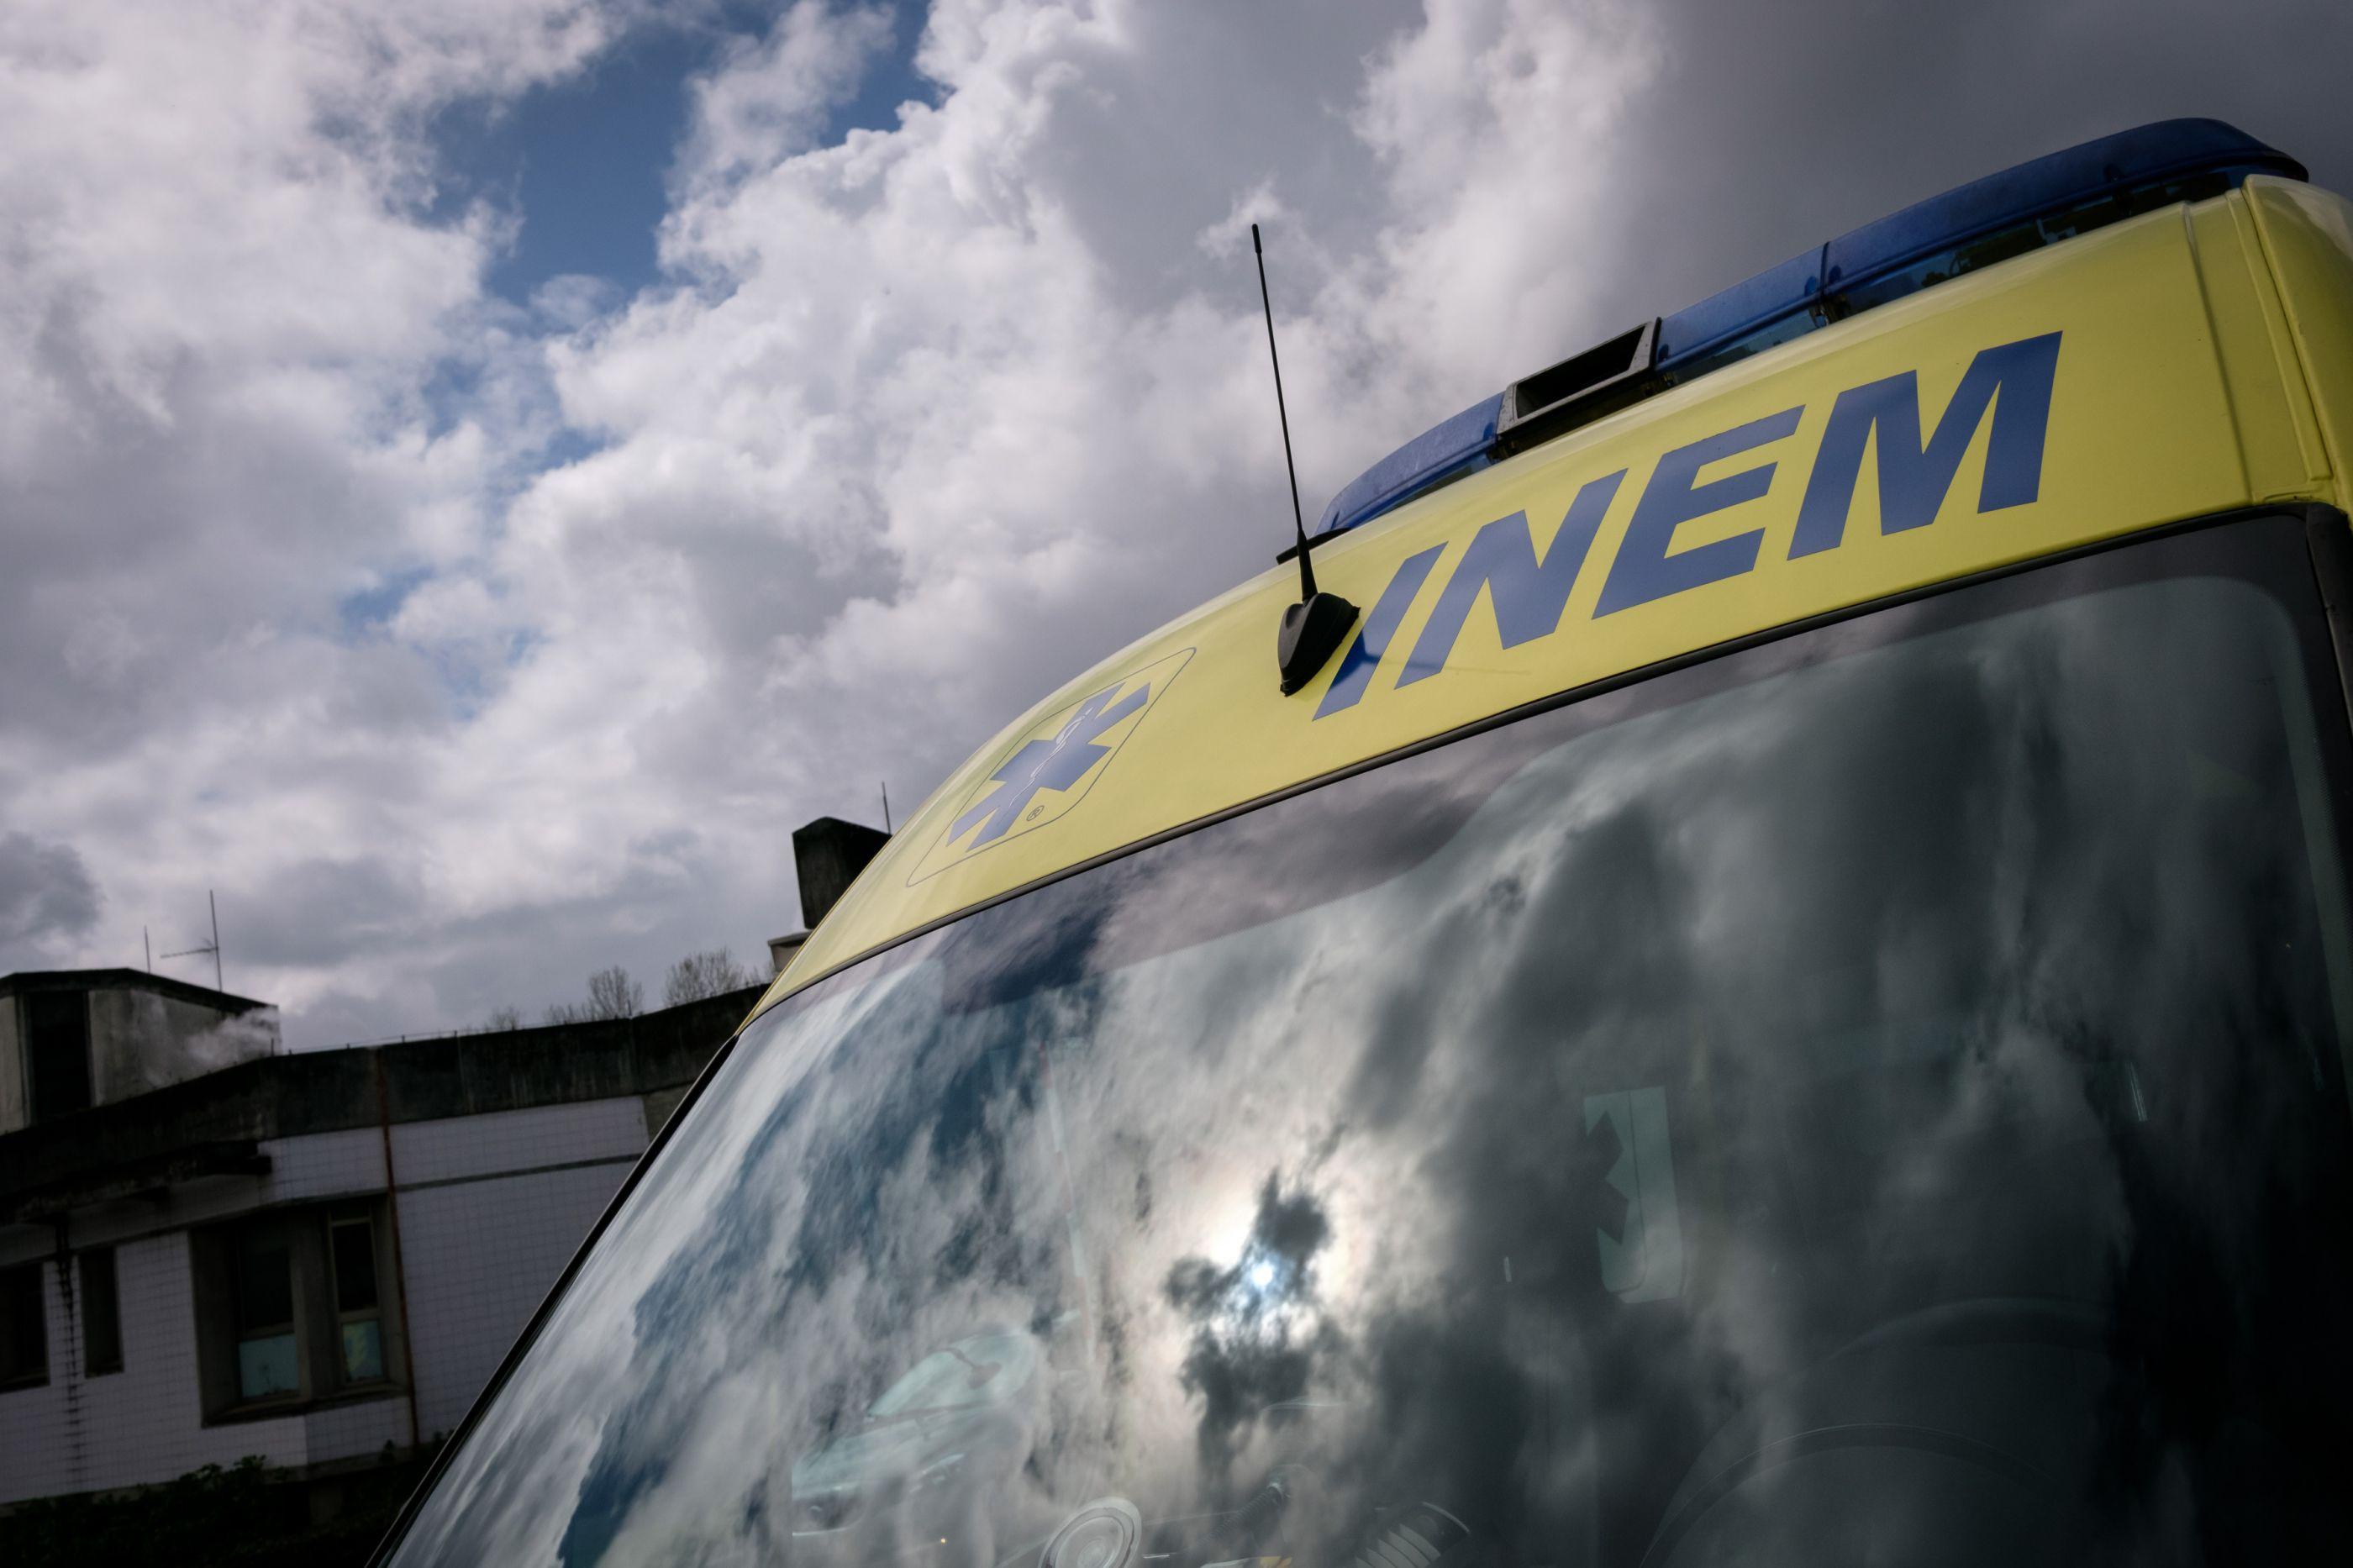 Homem em estado grave após atropelamento em Faro